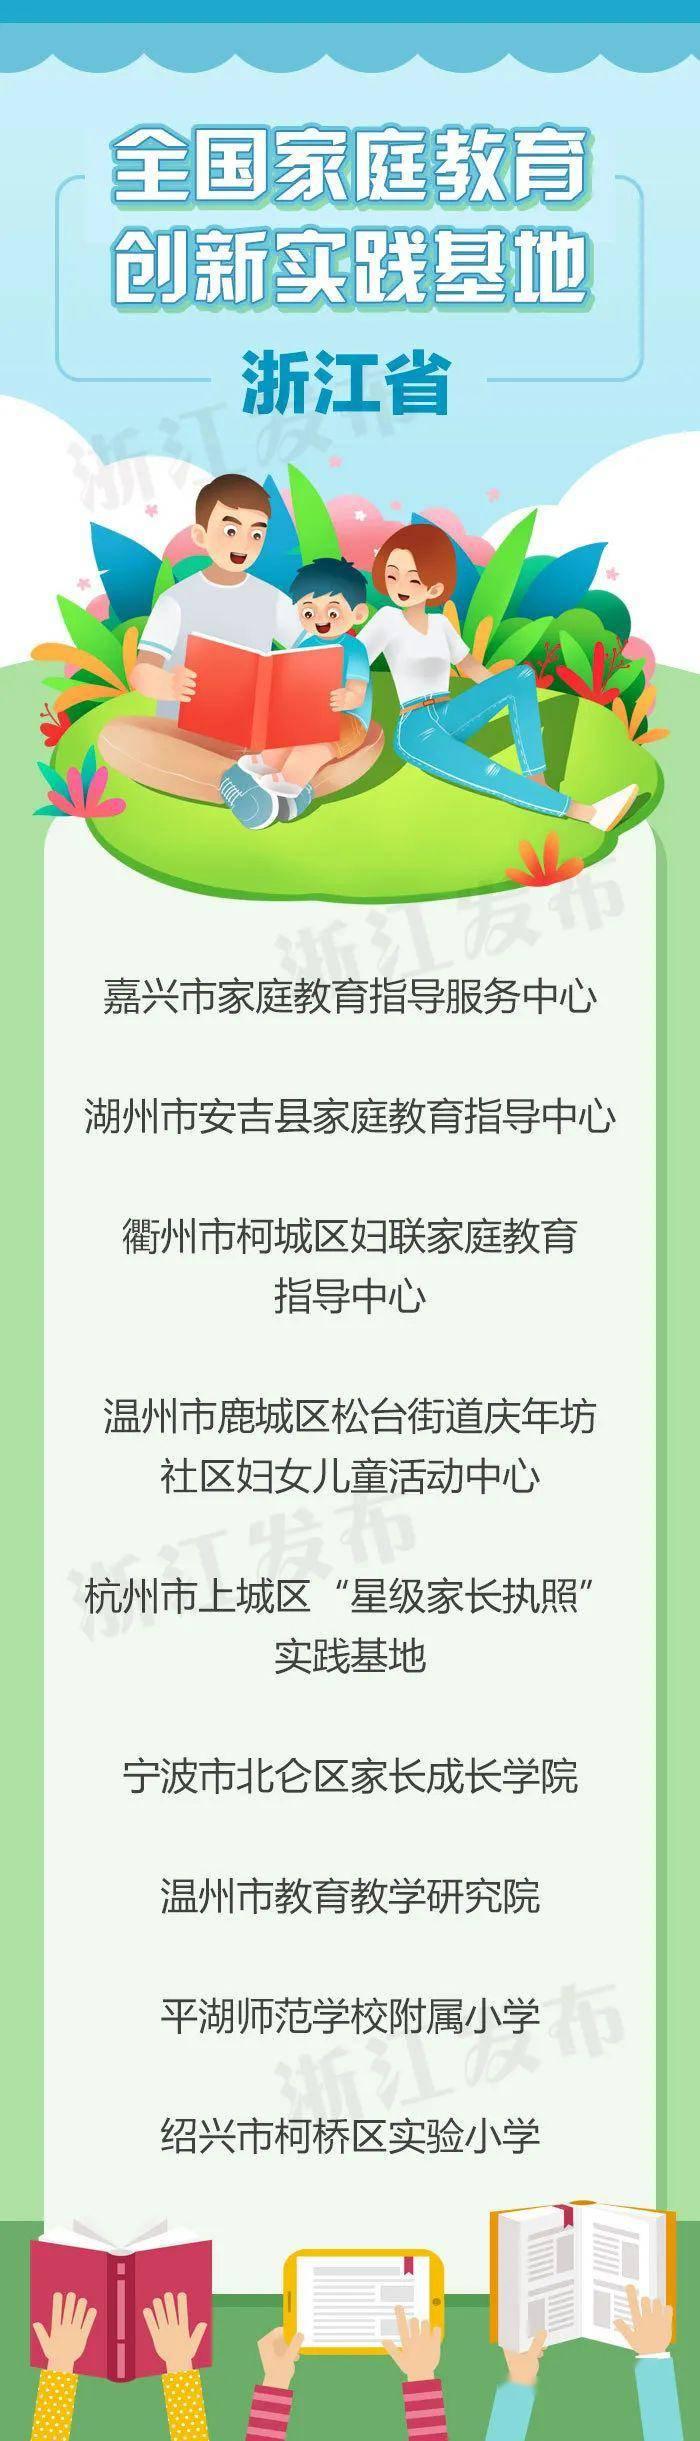 【浙江榜单】2020年浙江省全国家庭教育创新实践基地(9家)